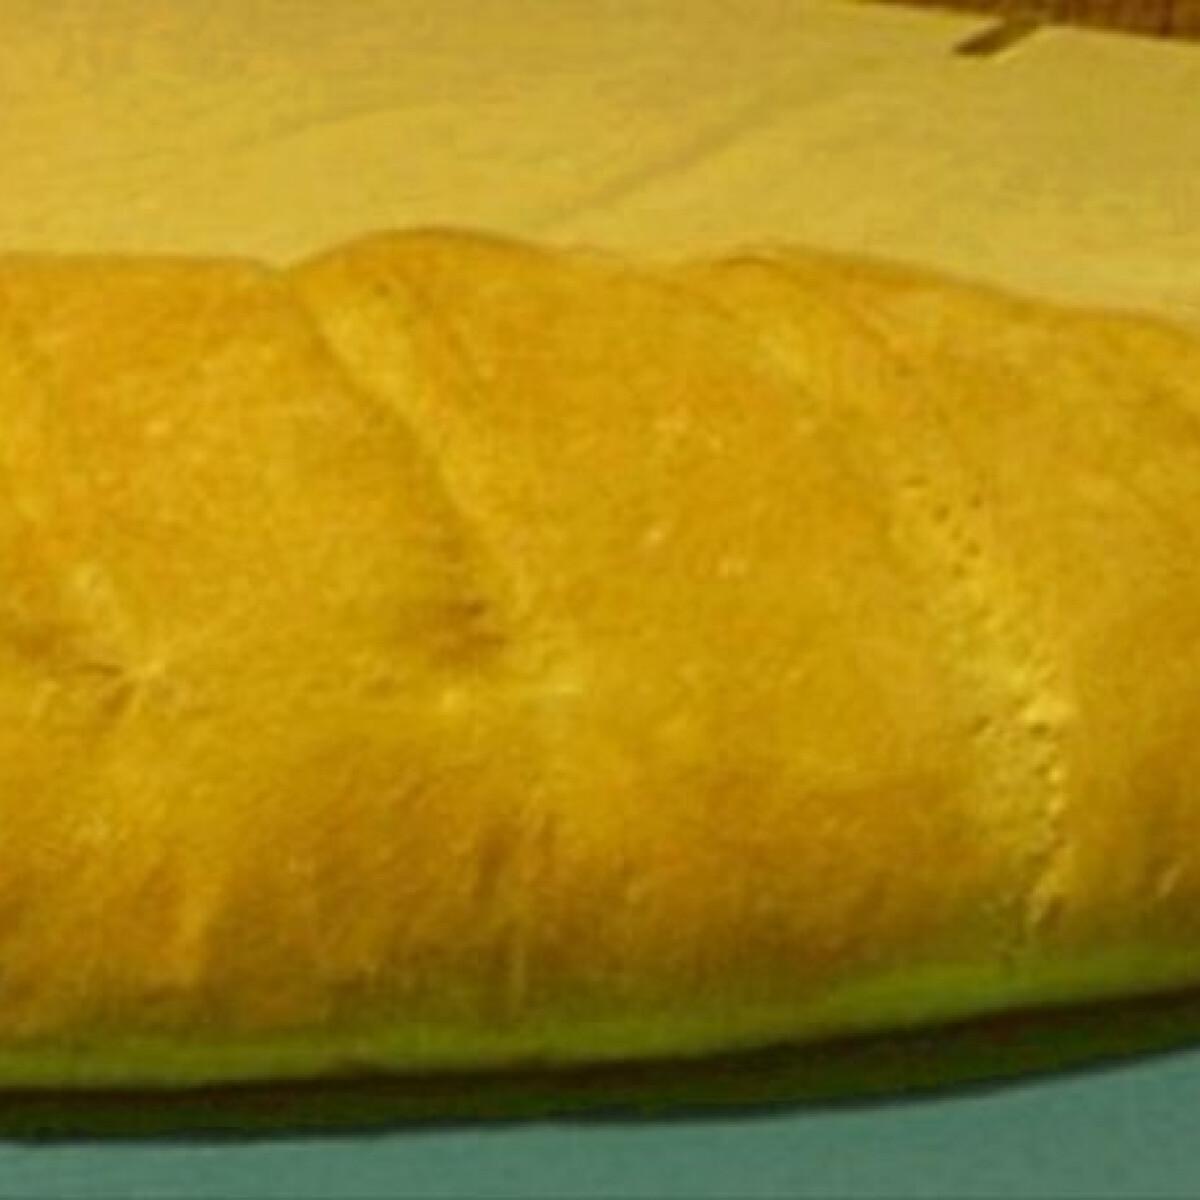 Rozsos kenyér fabine konyhájából